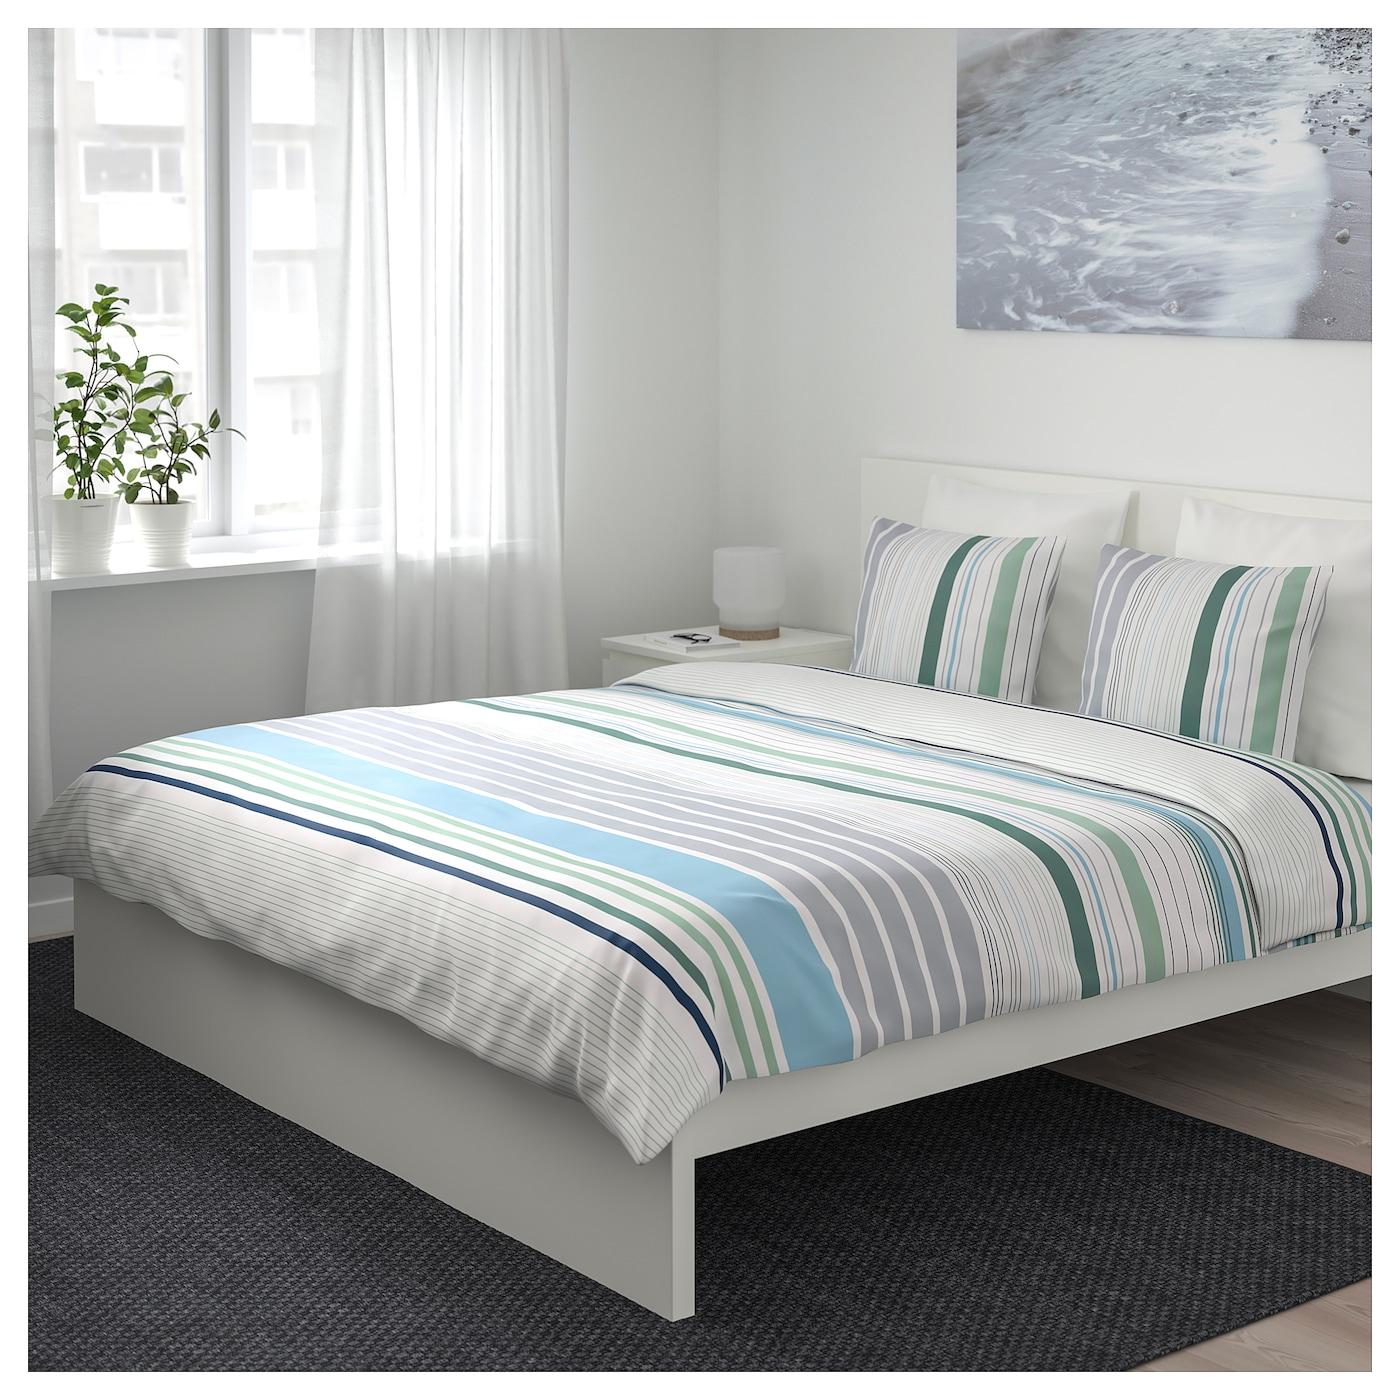 bl rips housse de couette et 2 taies bleu 240 x 220 50 x 60 cm ikea. Black Bedroom Furniture Sets. Home Design Ideas